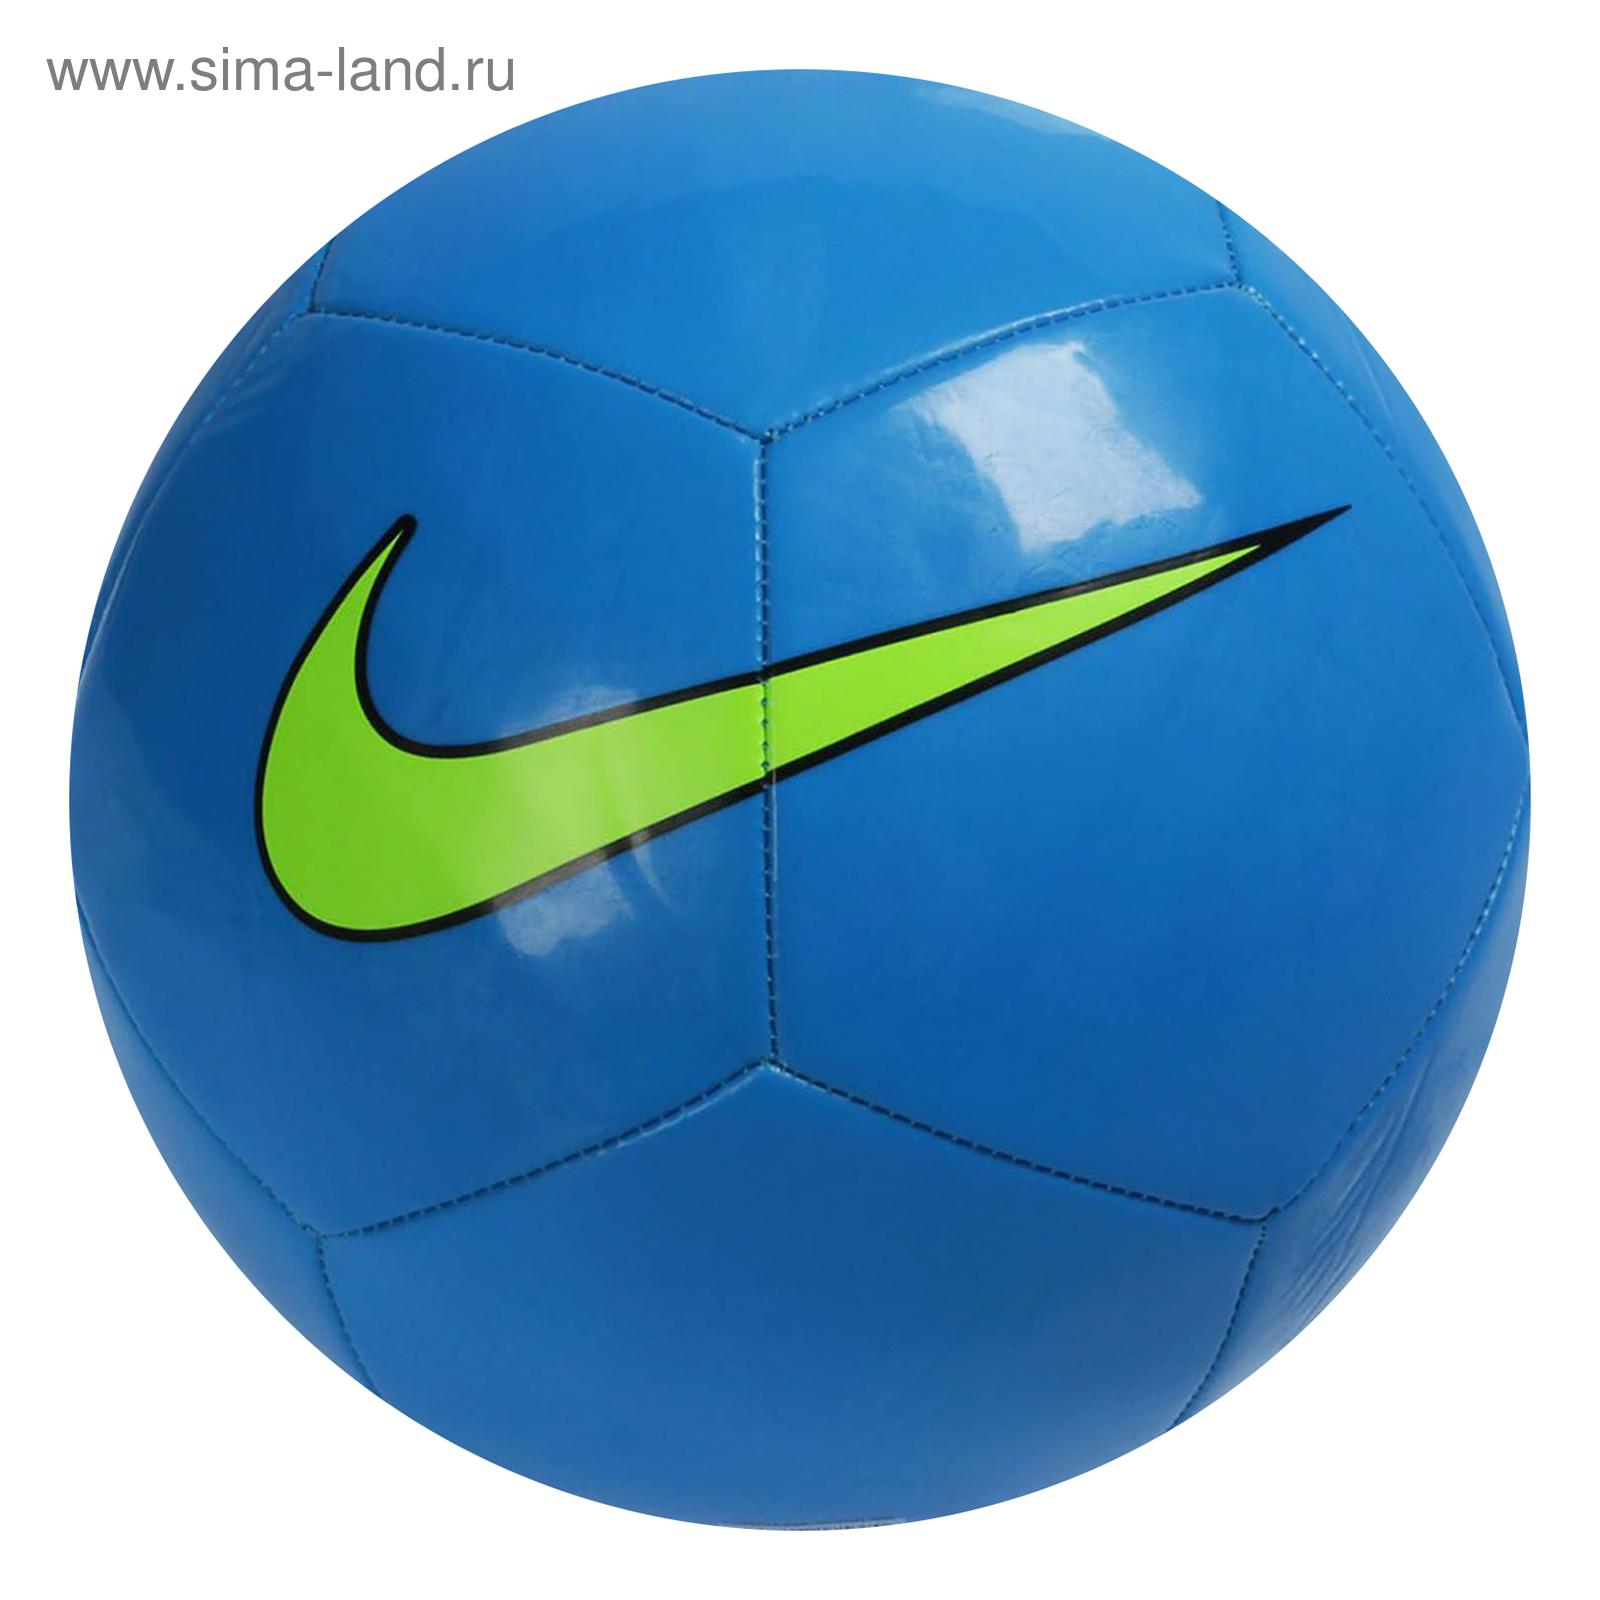 0634c8fd Мяч футбольный Nike Pitch Training, SC3101-406, размер 5 (2615102 ...